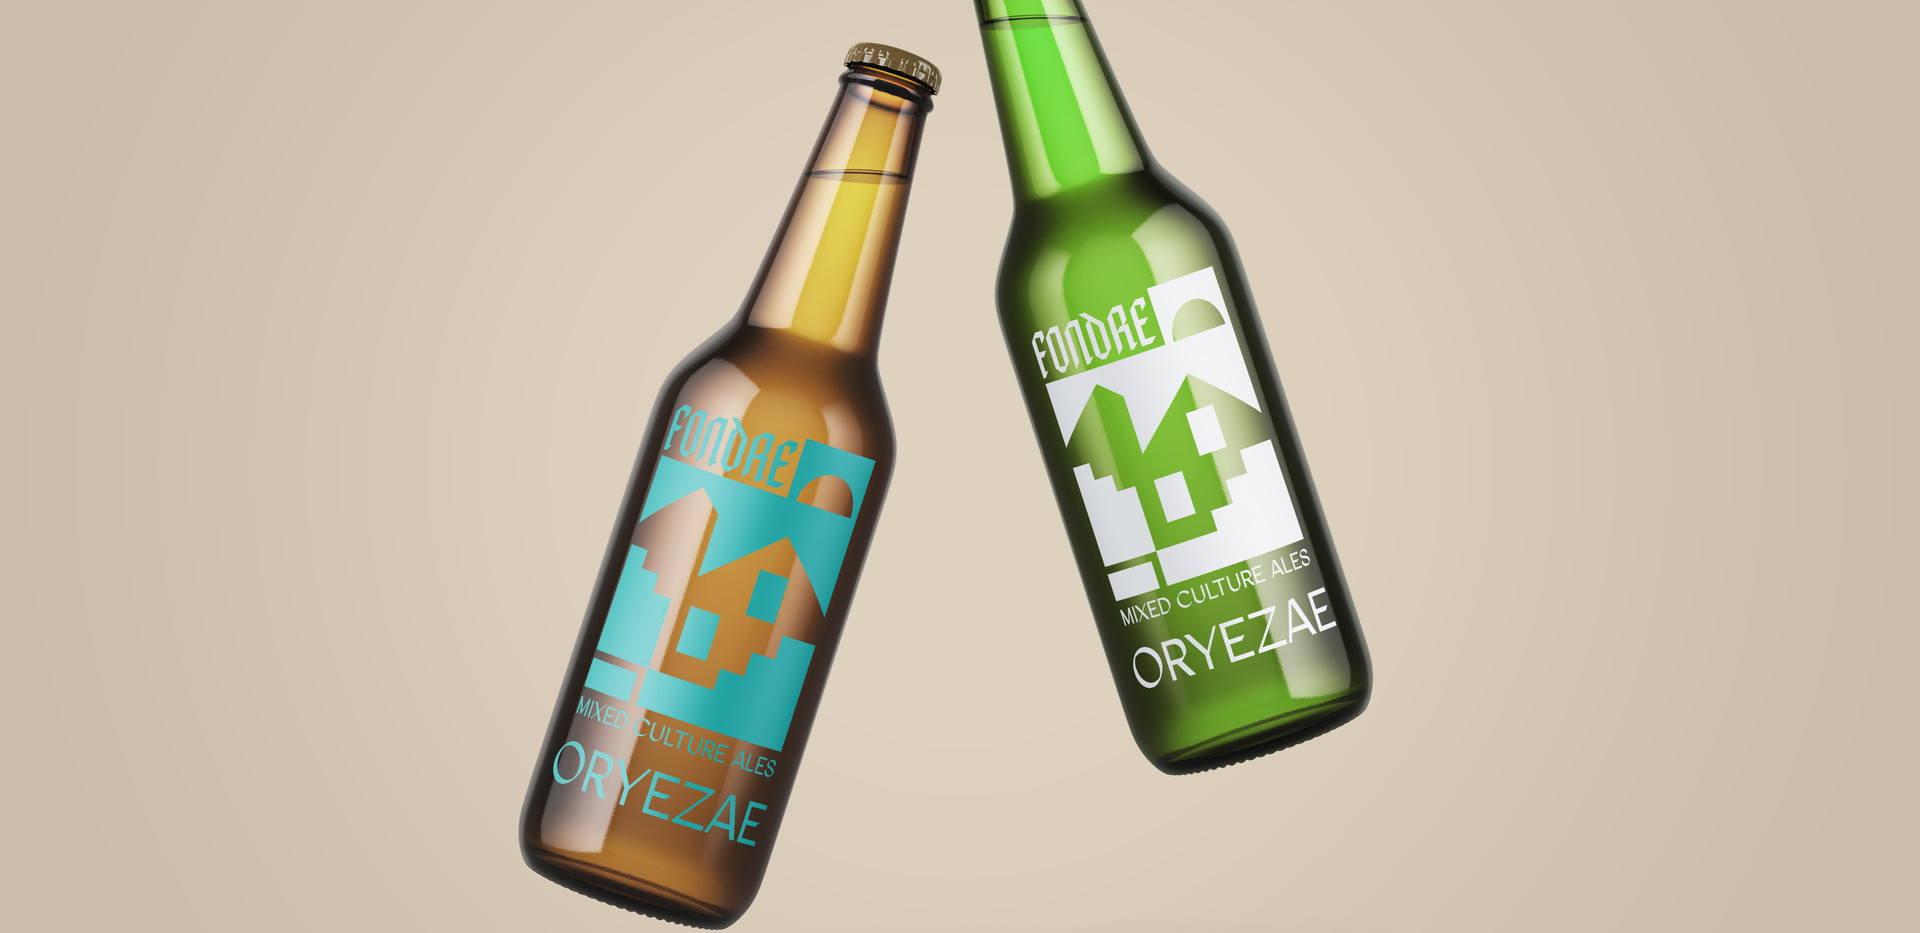 Fondre_Beer-Bottles.jpg